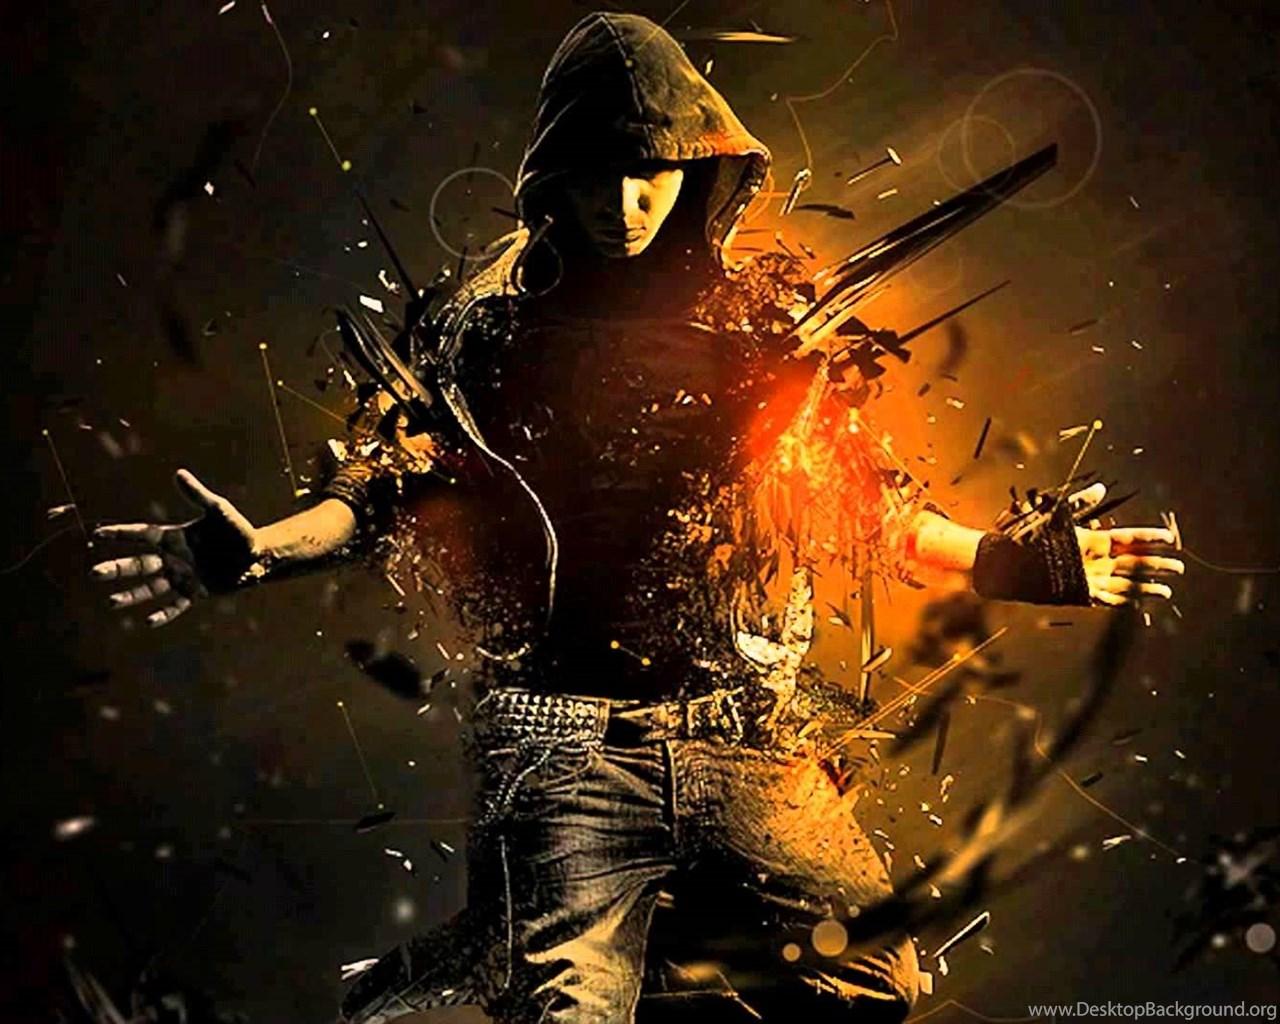 Cool hd wallpapers for boys break dance desktop background - Cool boy wallpaper hd download ...